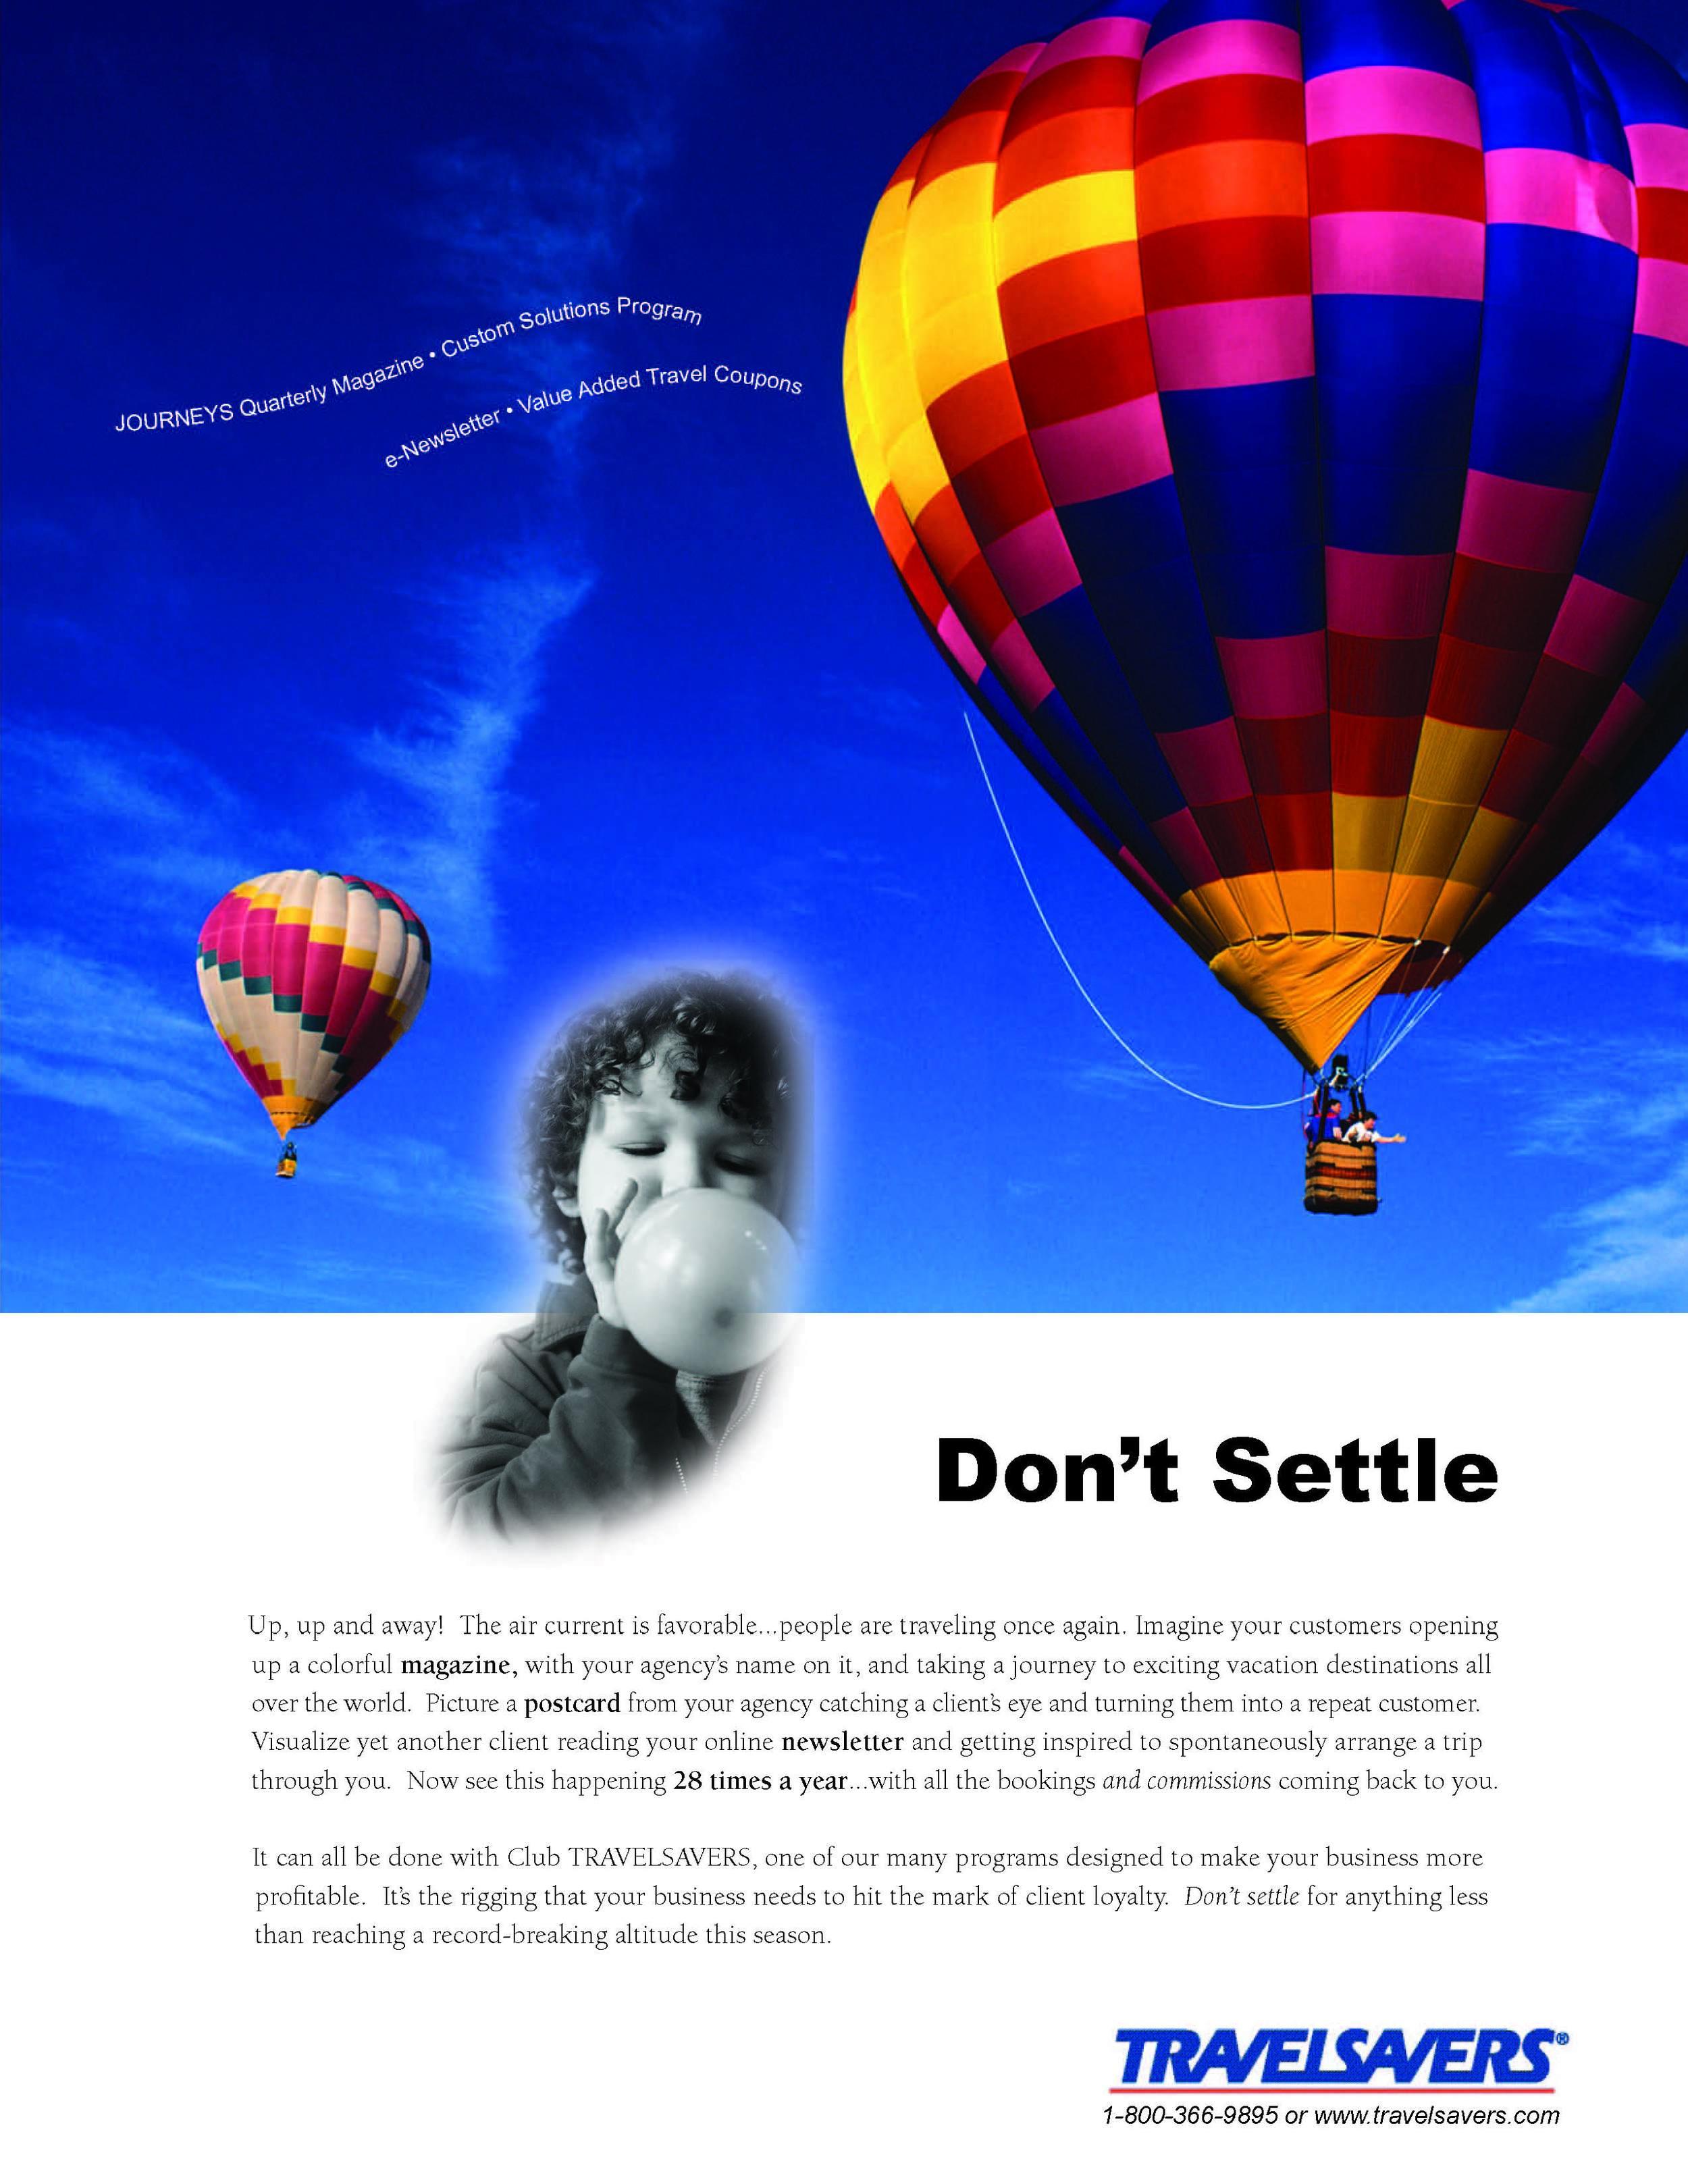 Don'tSettleBalloonAdJPEG.jpg